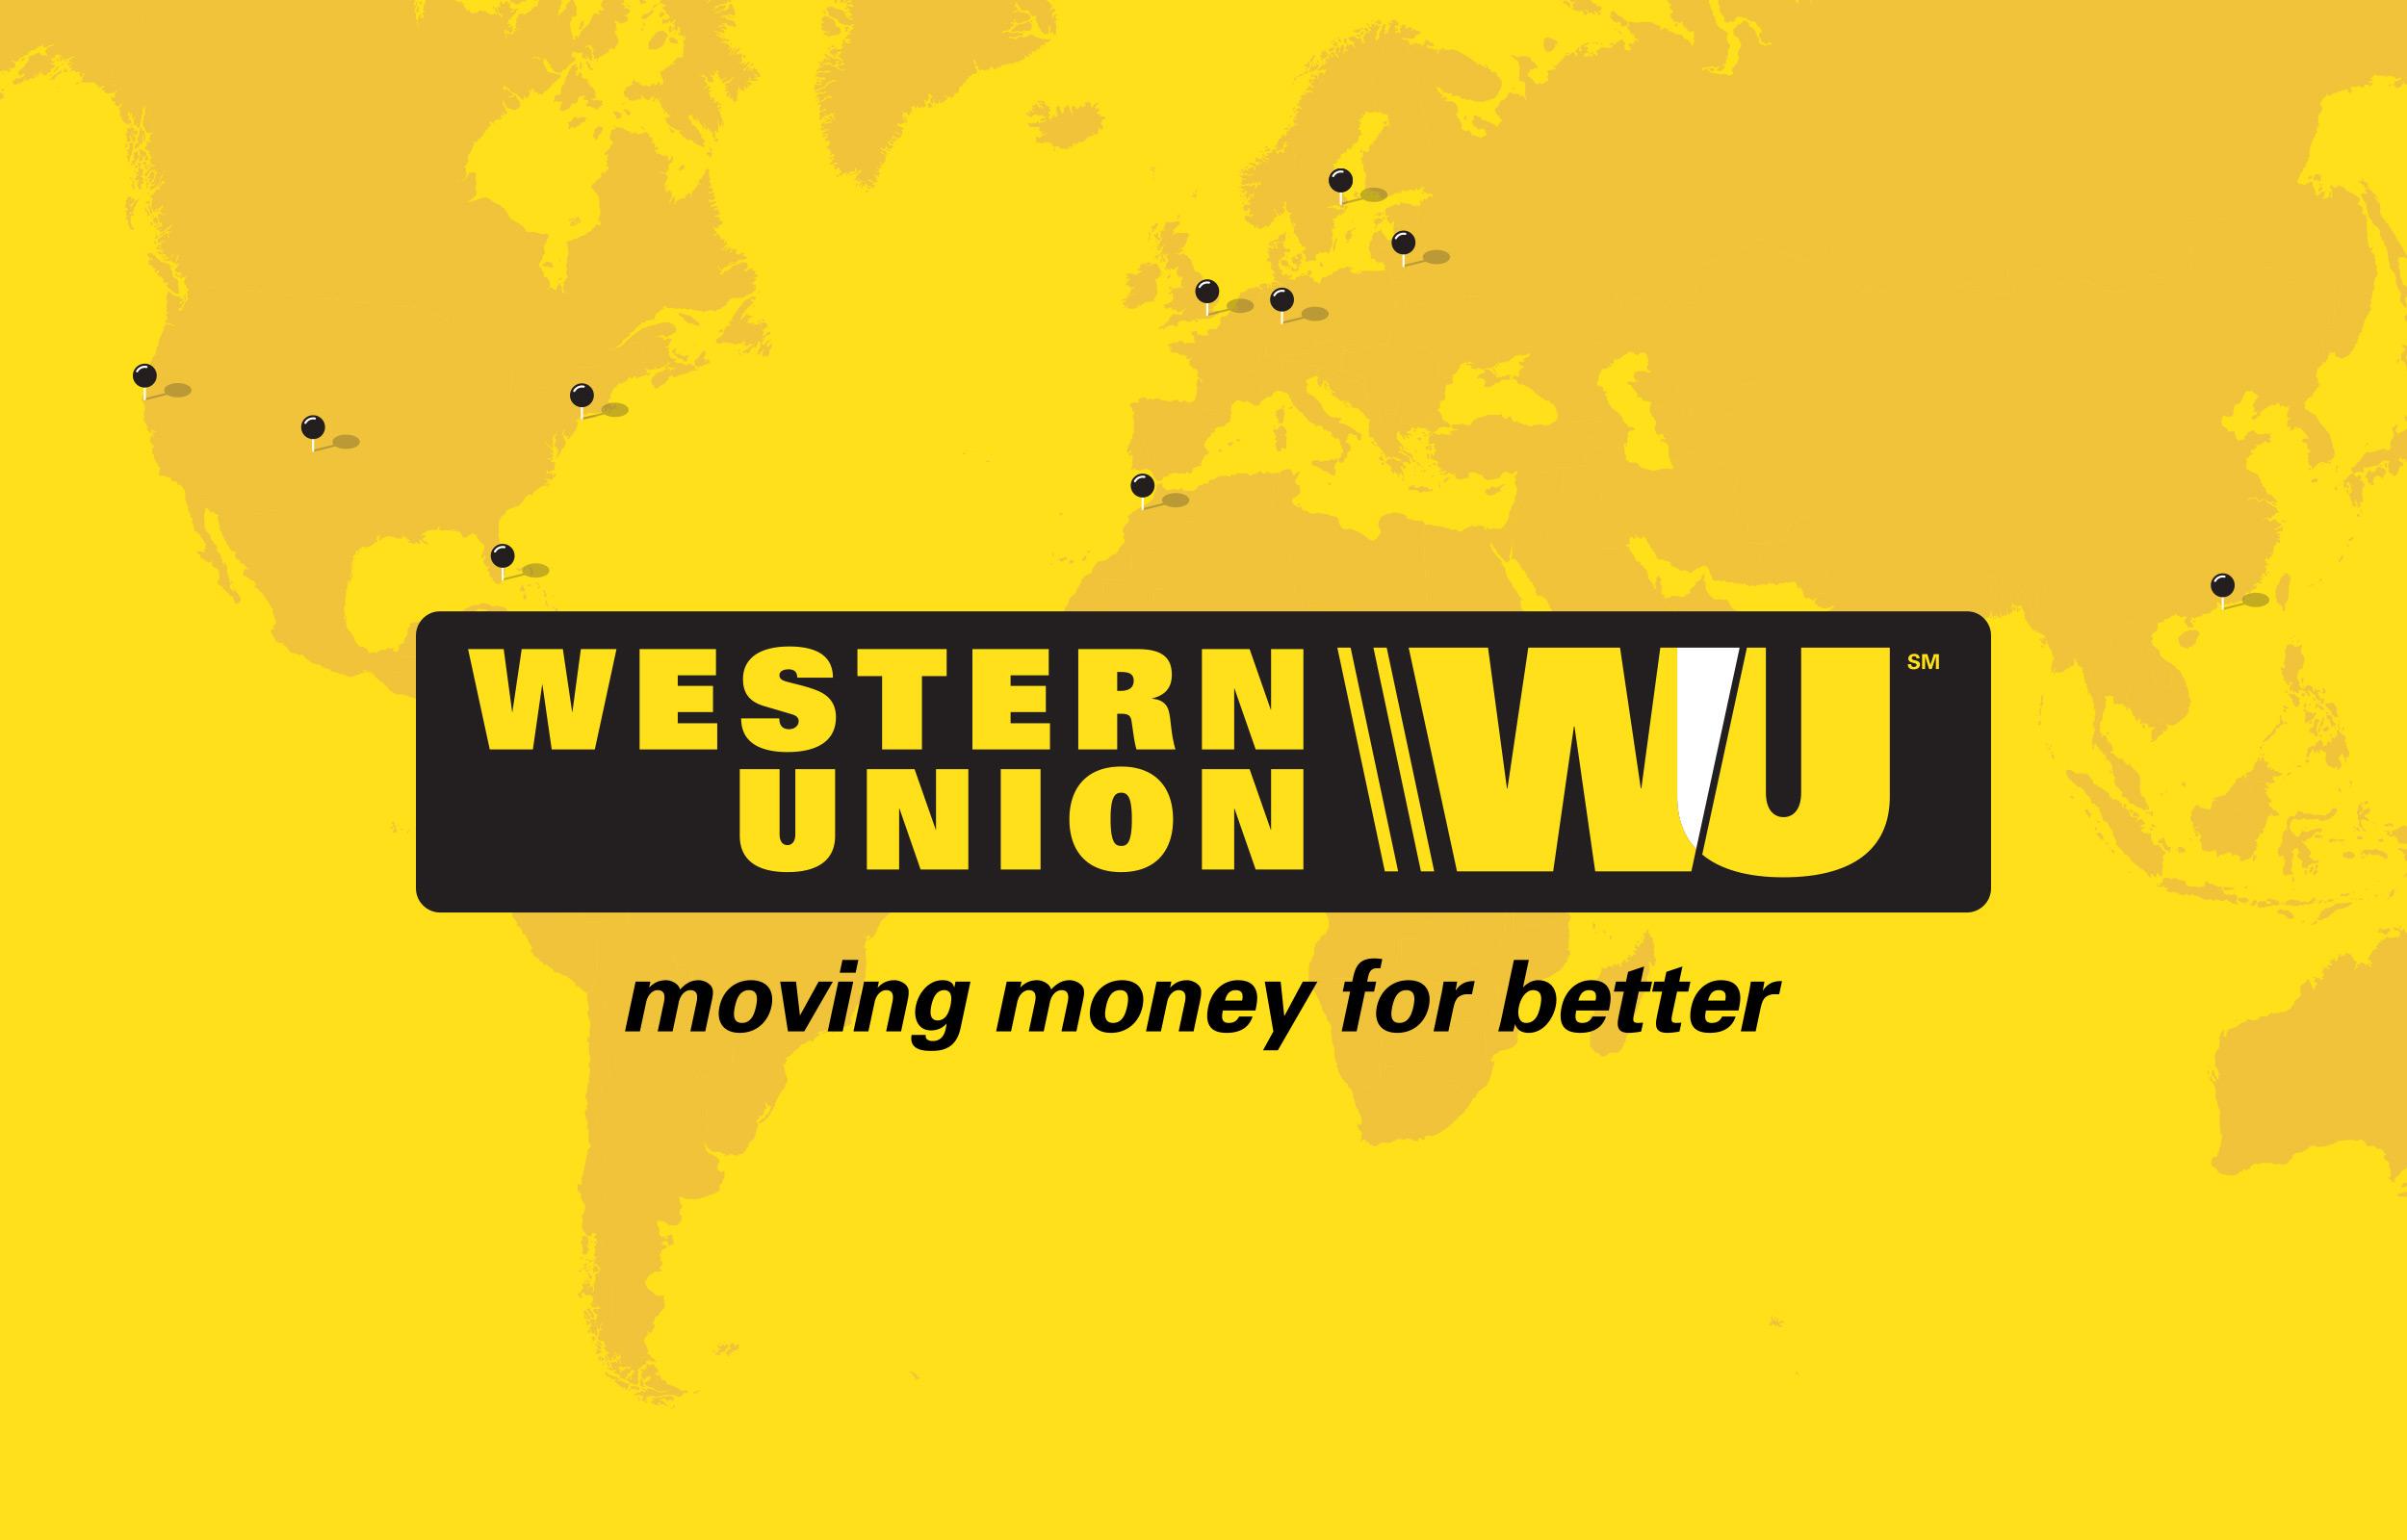 Western Hnion